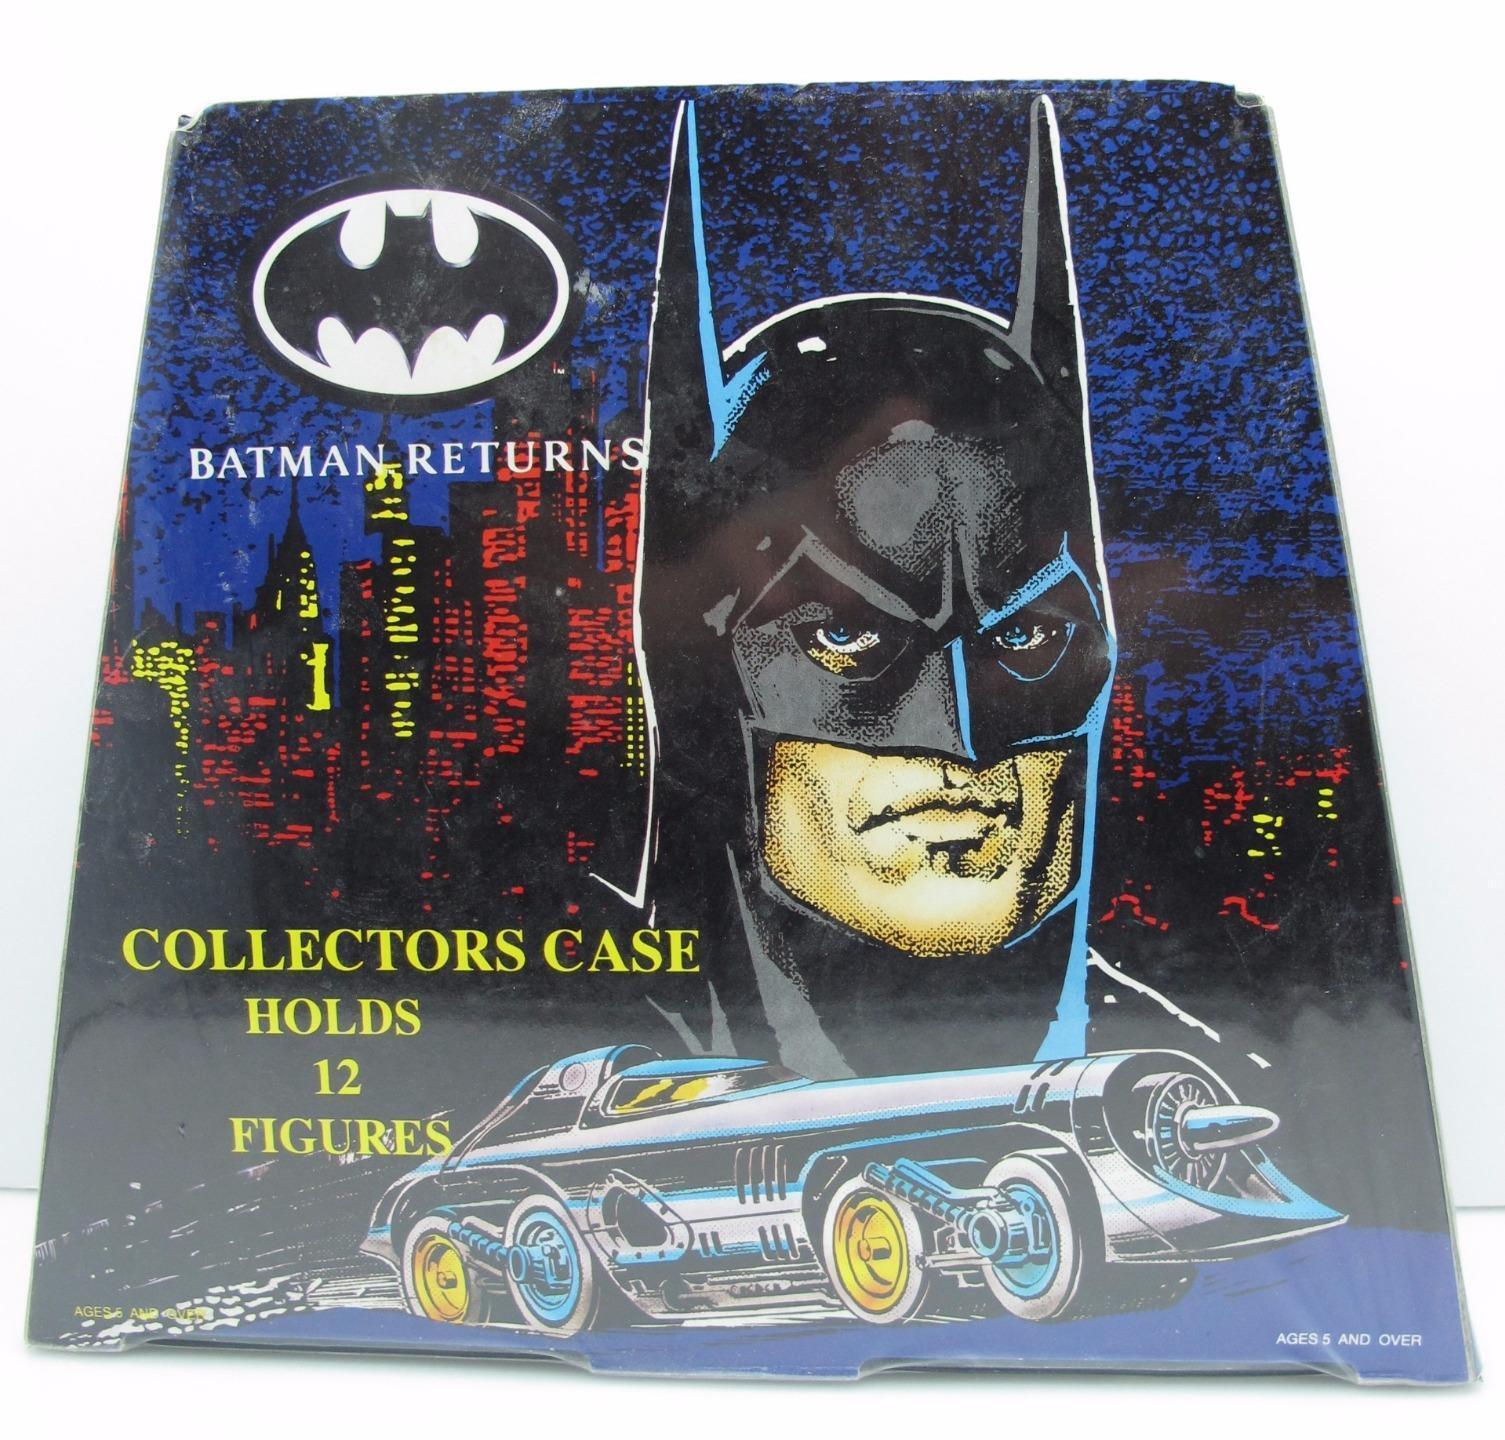 Jahrgang 1992 dc comics batman returns collector 's vinyl 12 abbildung koffer